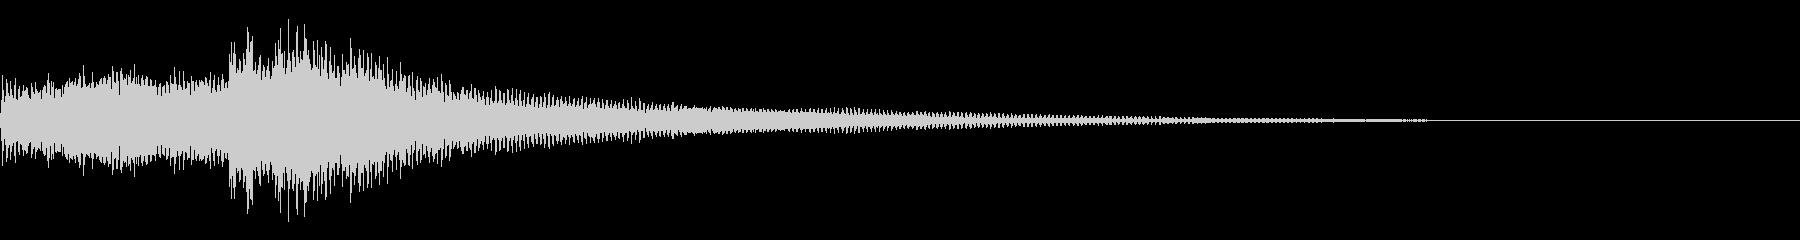 暗い感じ~ピアノのワンショット効果音~の未再生の波形